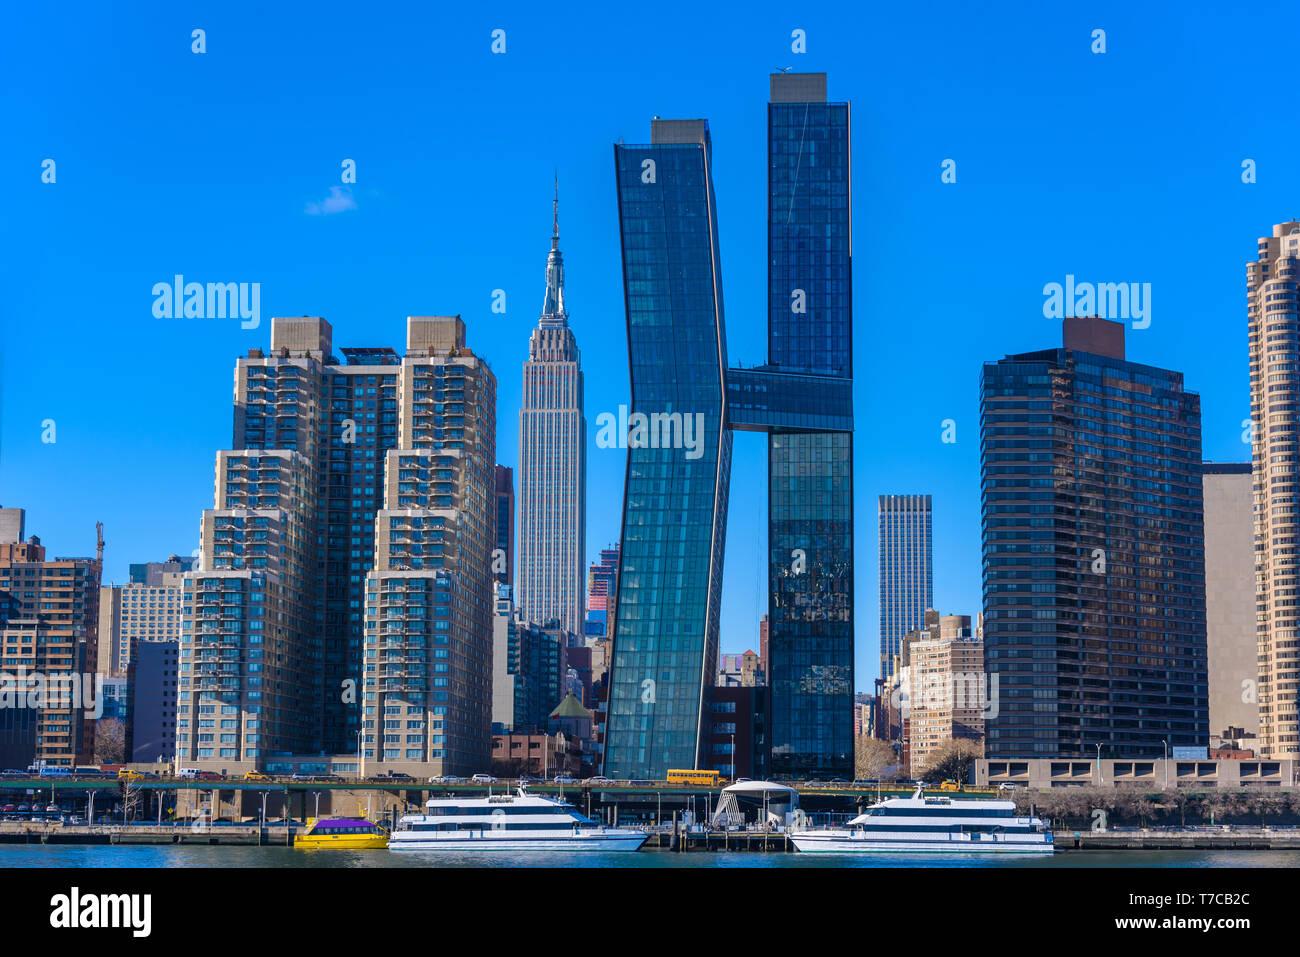 Vue de l'East Side River à l'Empire State Building - Manhattan Skyline de New York, USA Banque D'Images